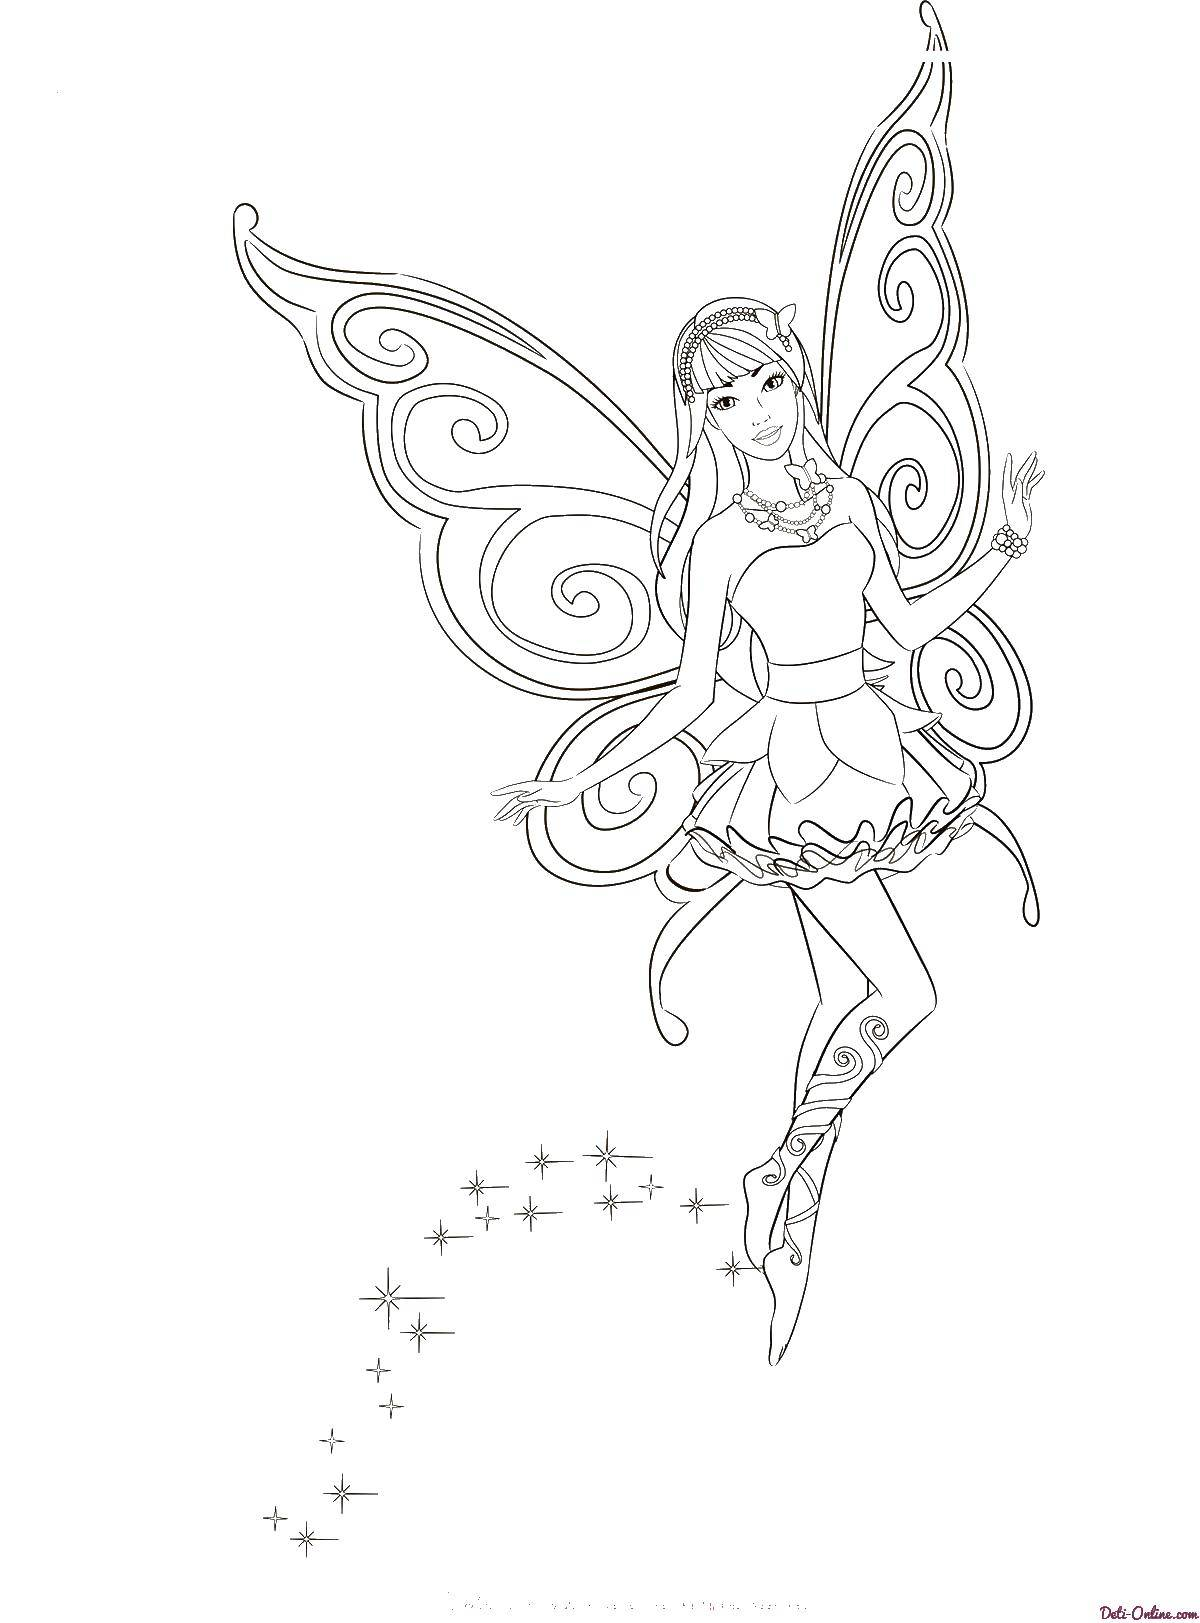 Раскраска раскраски для девочек Скачать Дисней, принцесса.  Распечатать ,Диснеевские раскраски,